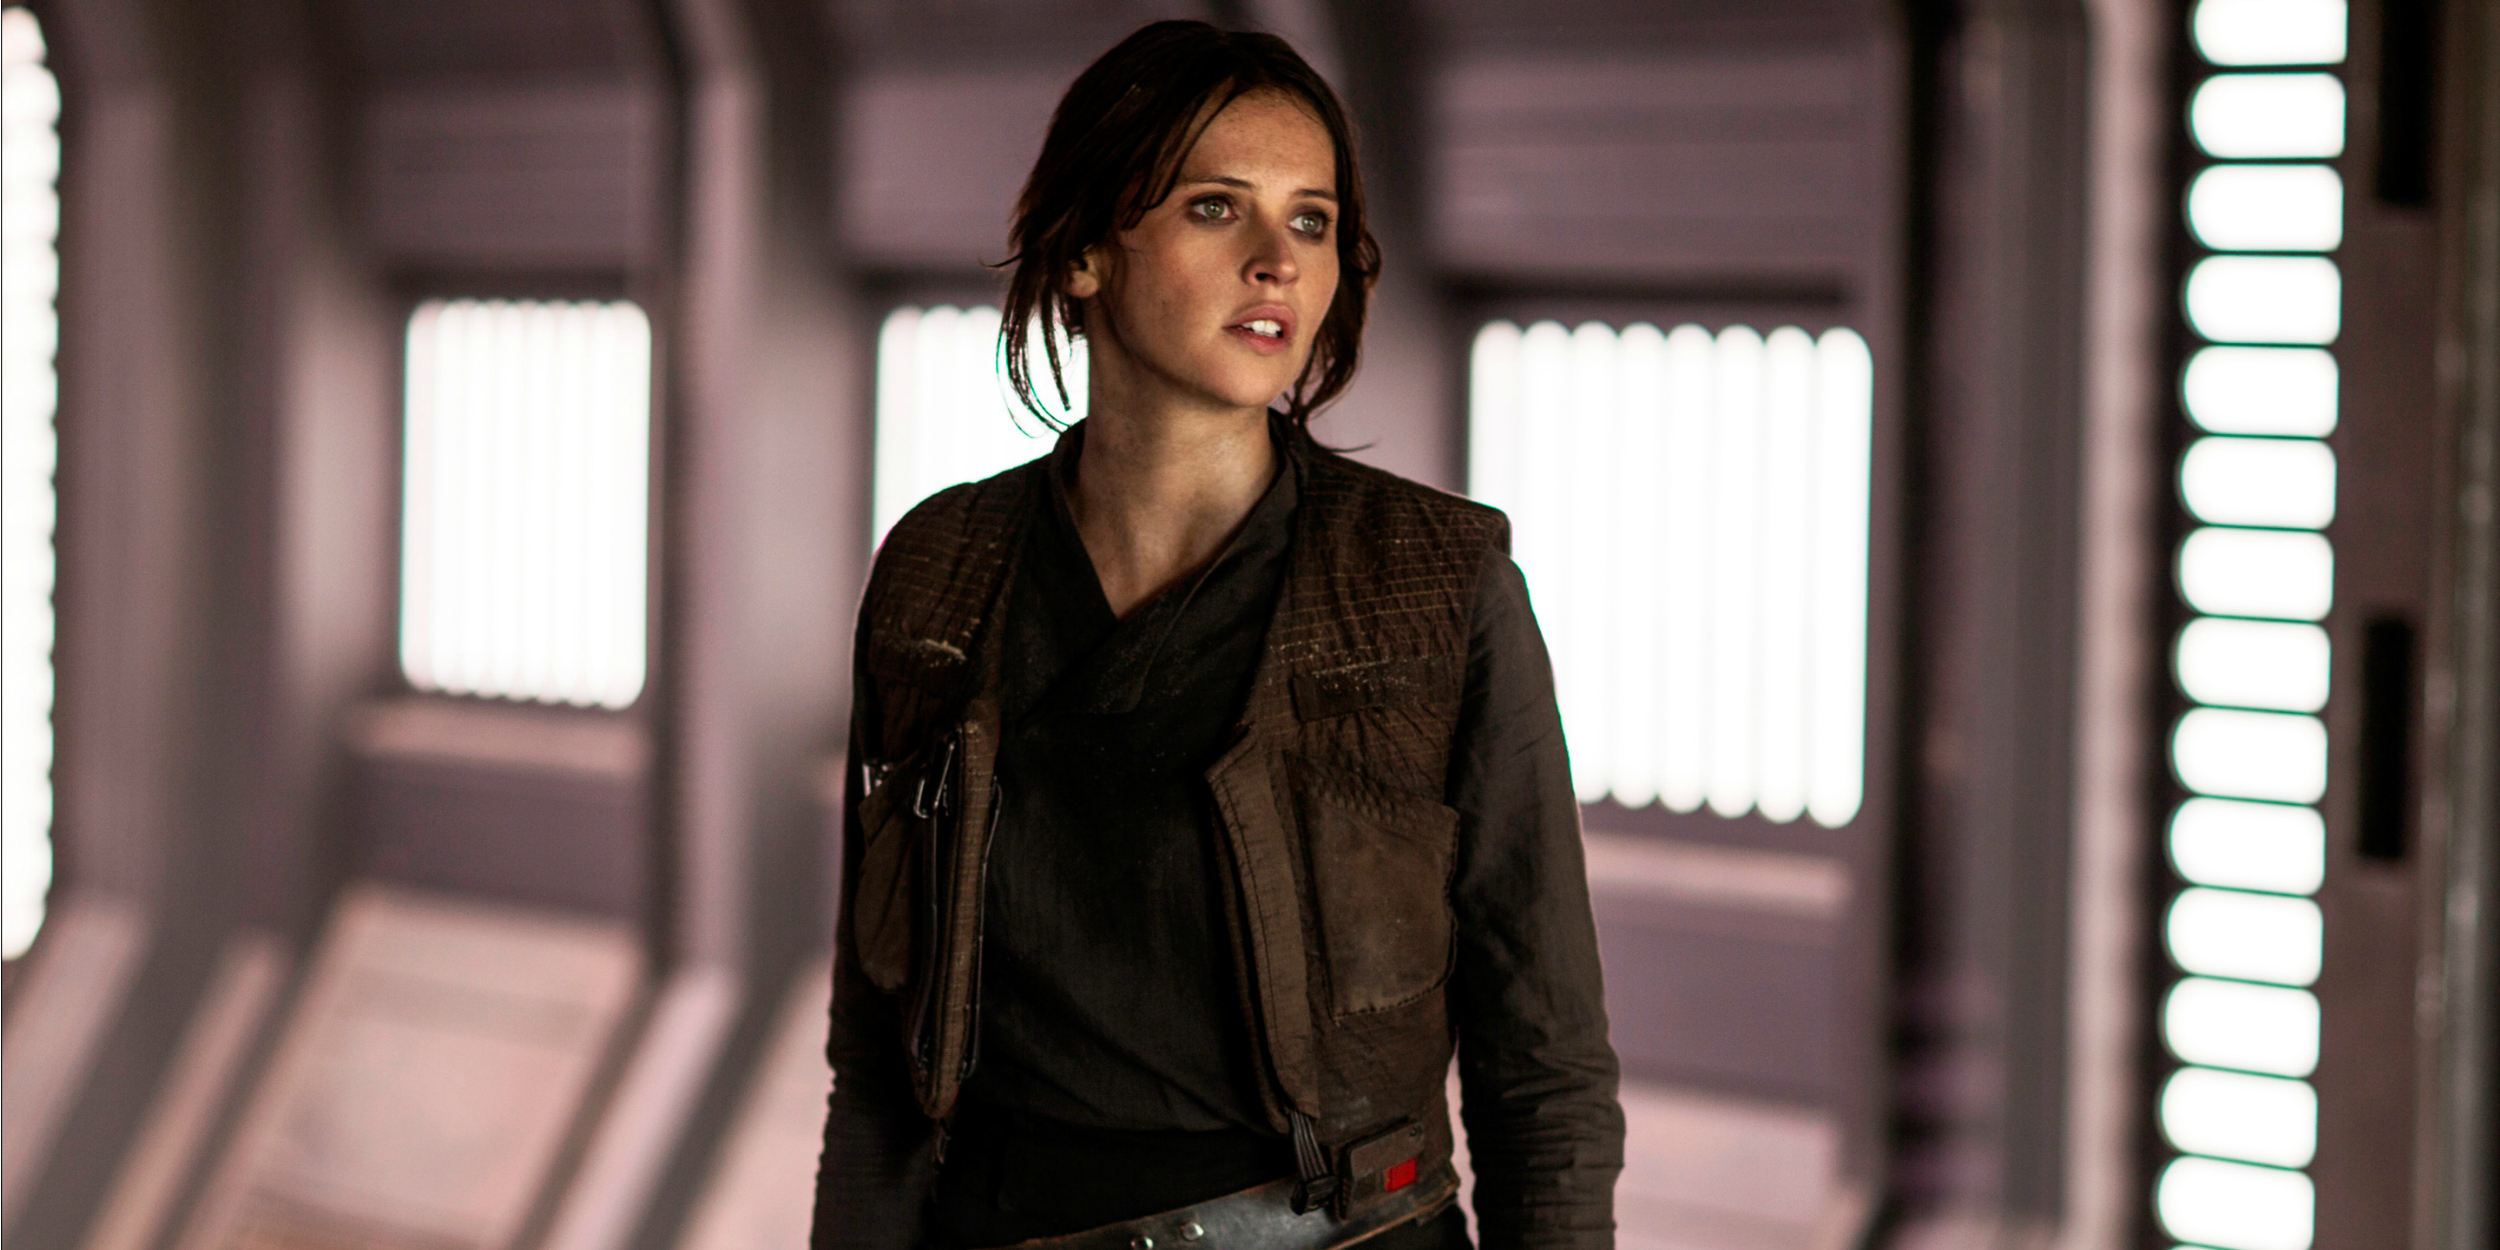 How Rogue One's Jyn Erso is Like Ellen Ripley